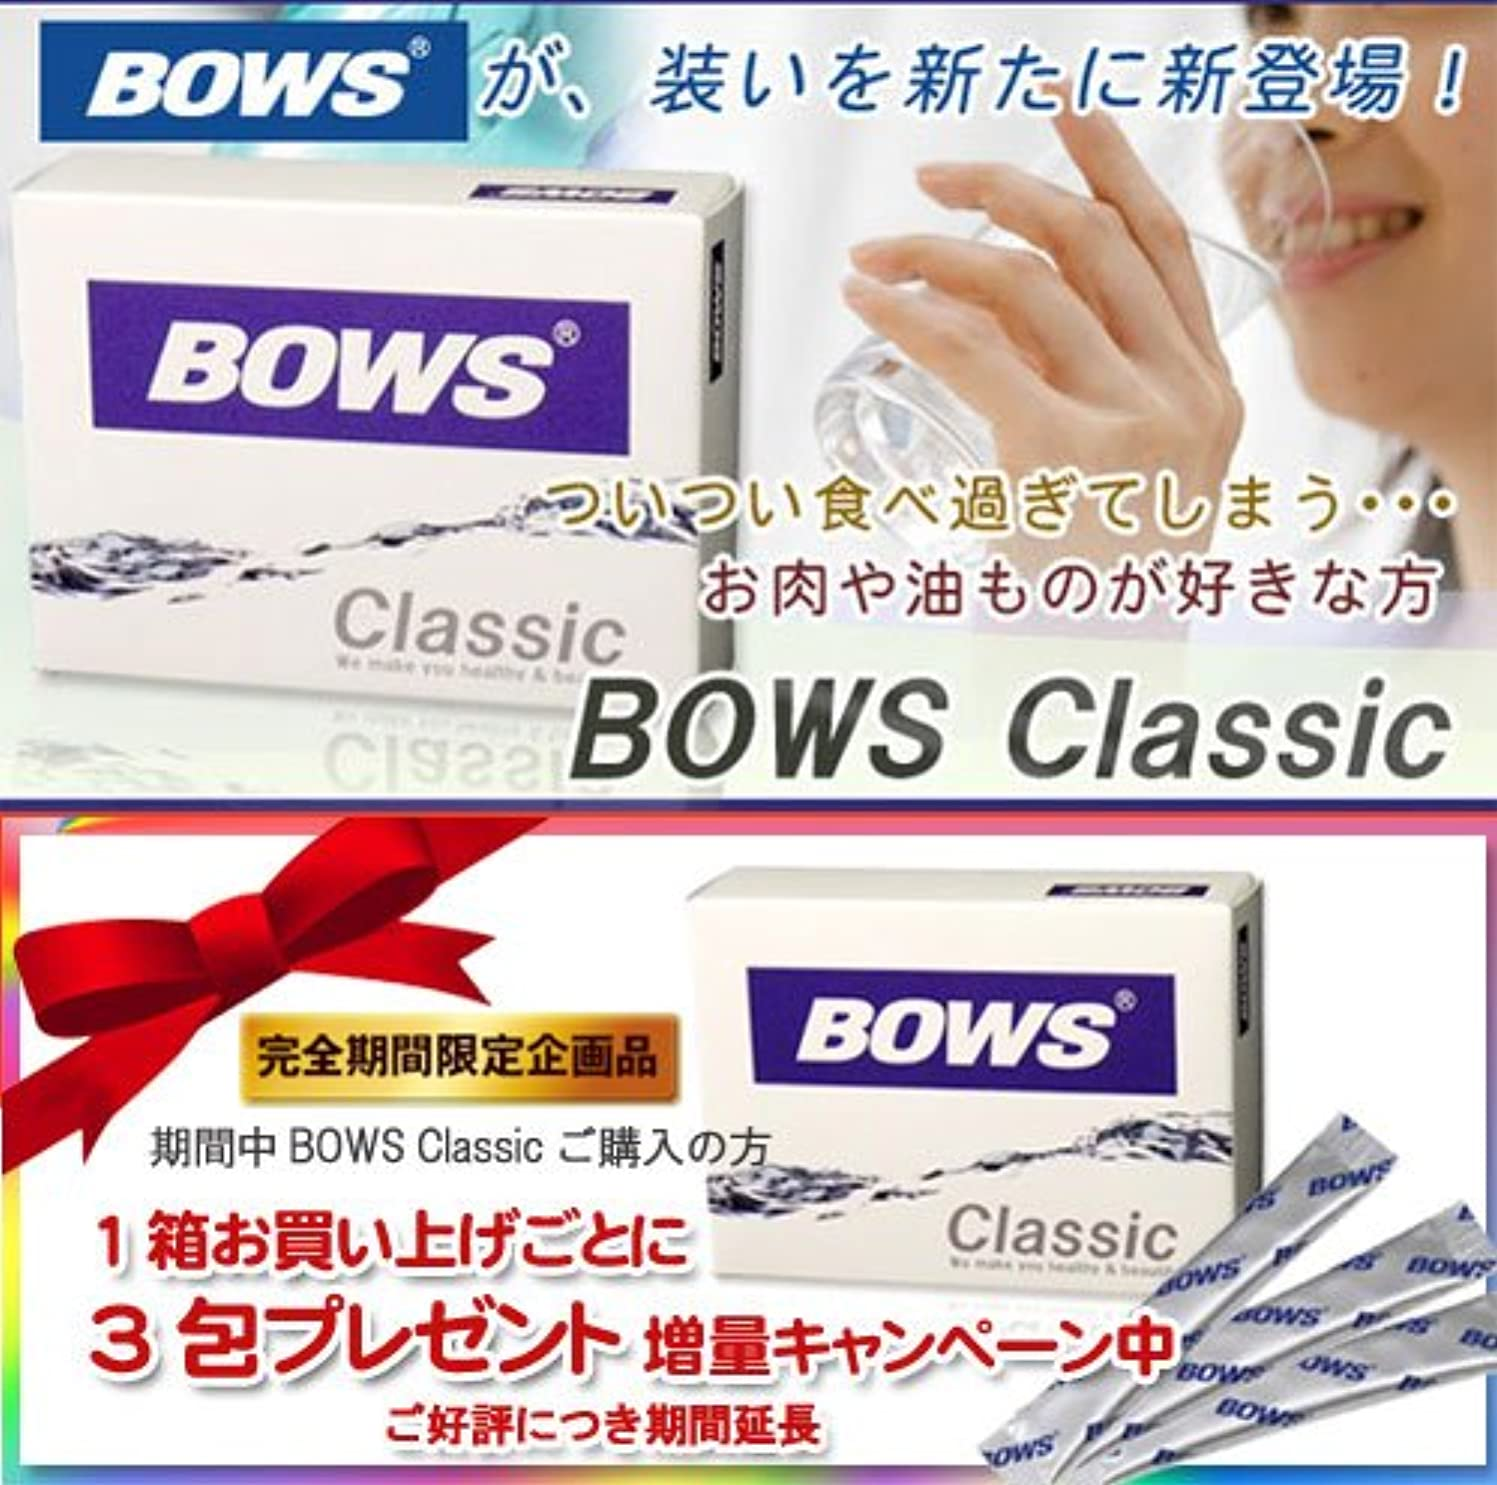 租界付与遺伝子BOWS Classic (ボウス クラシック)  30包+3包増量版 6個セット